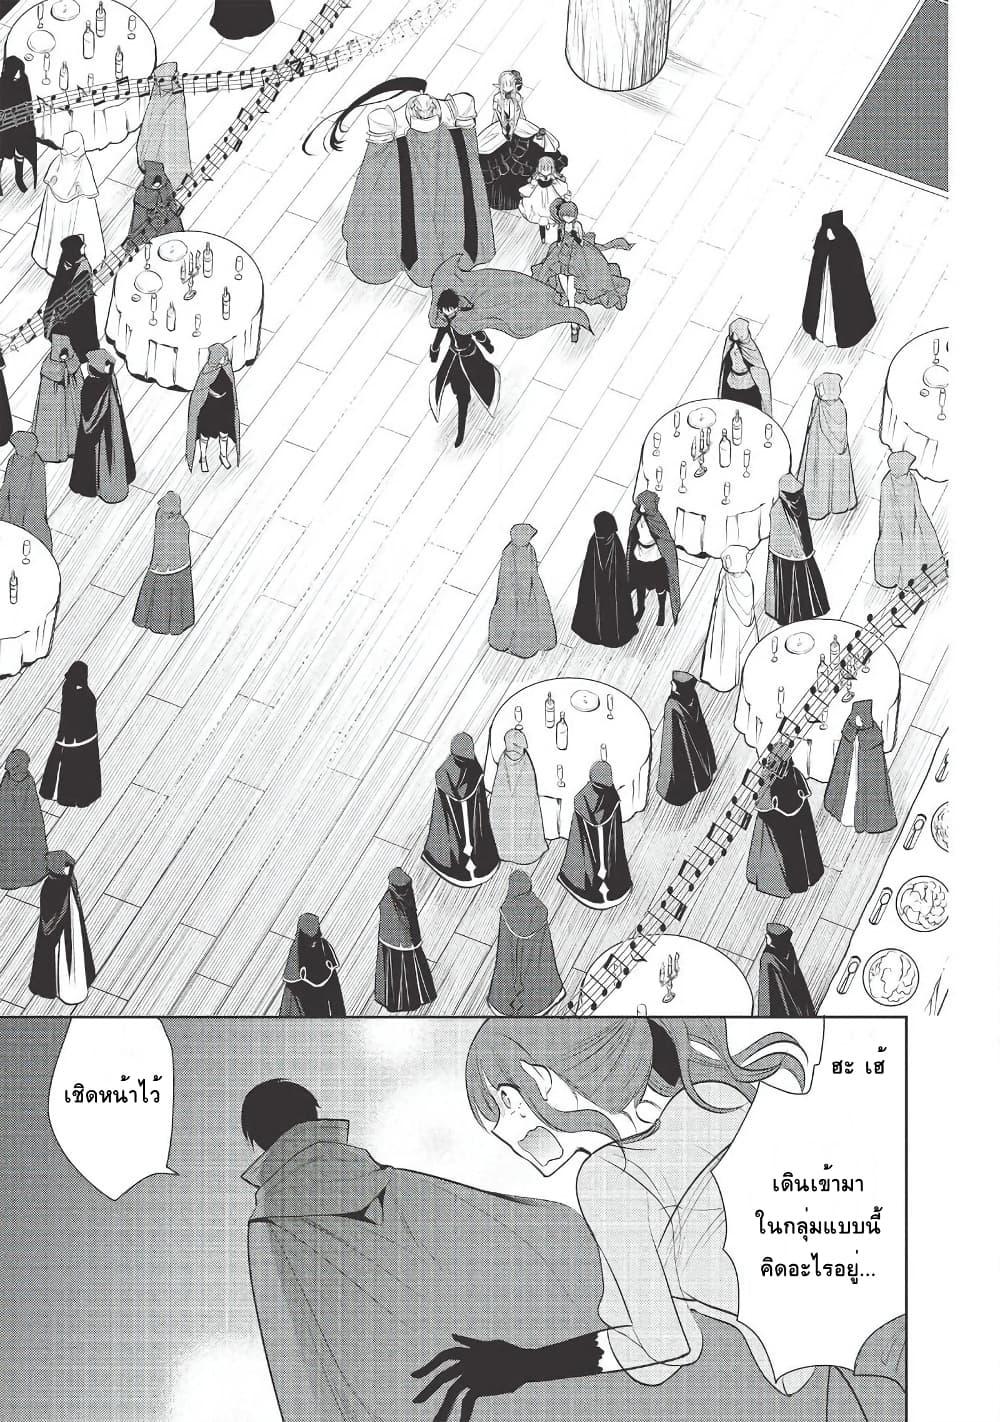 อ่านการ์ตูน Maou no Ore ga Dorei Elf wo Yome ni Shitanda ga Dou Medereba Ii ตอนที่ 27 หน้าที่ 26